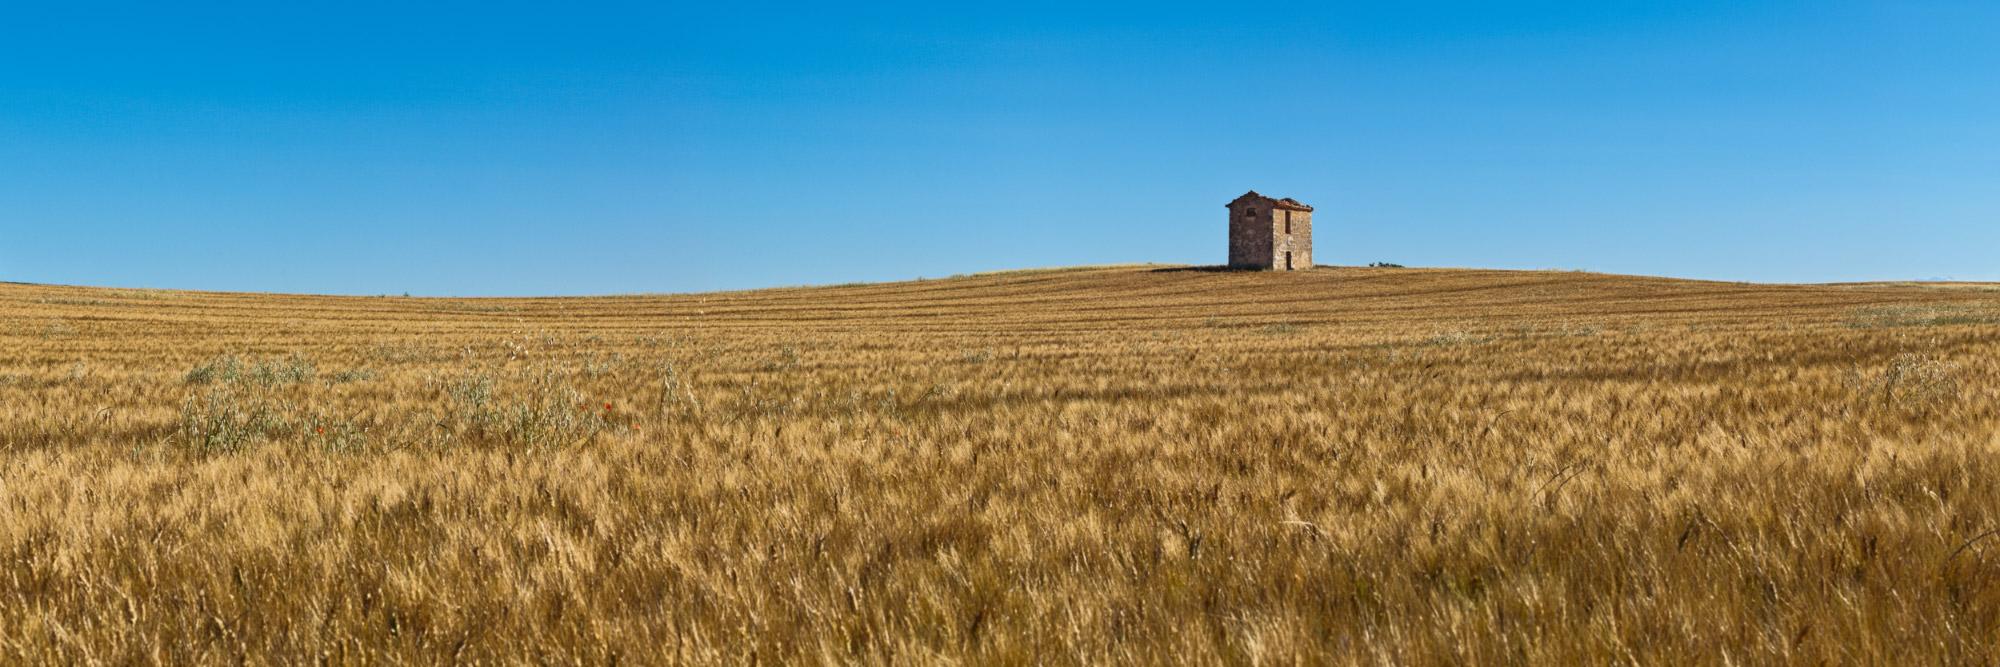 Cabane dans un champ de céréales, plateau de Valensole